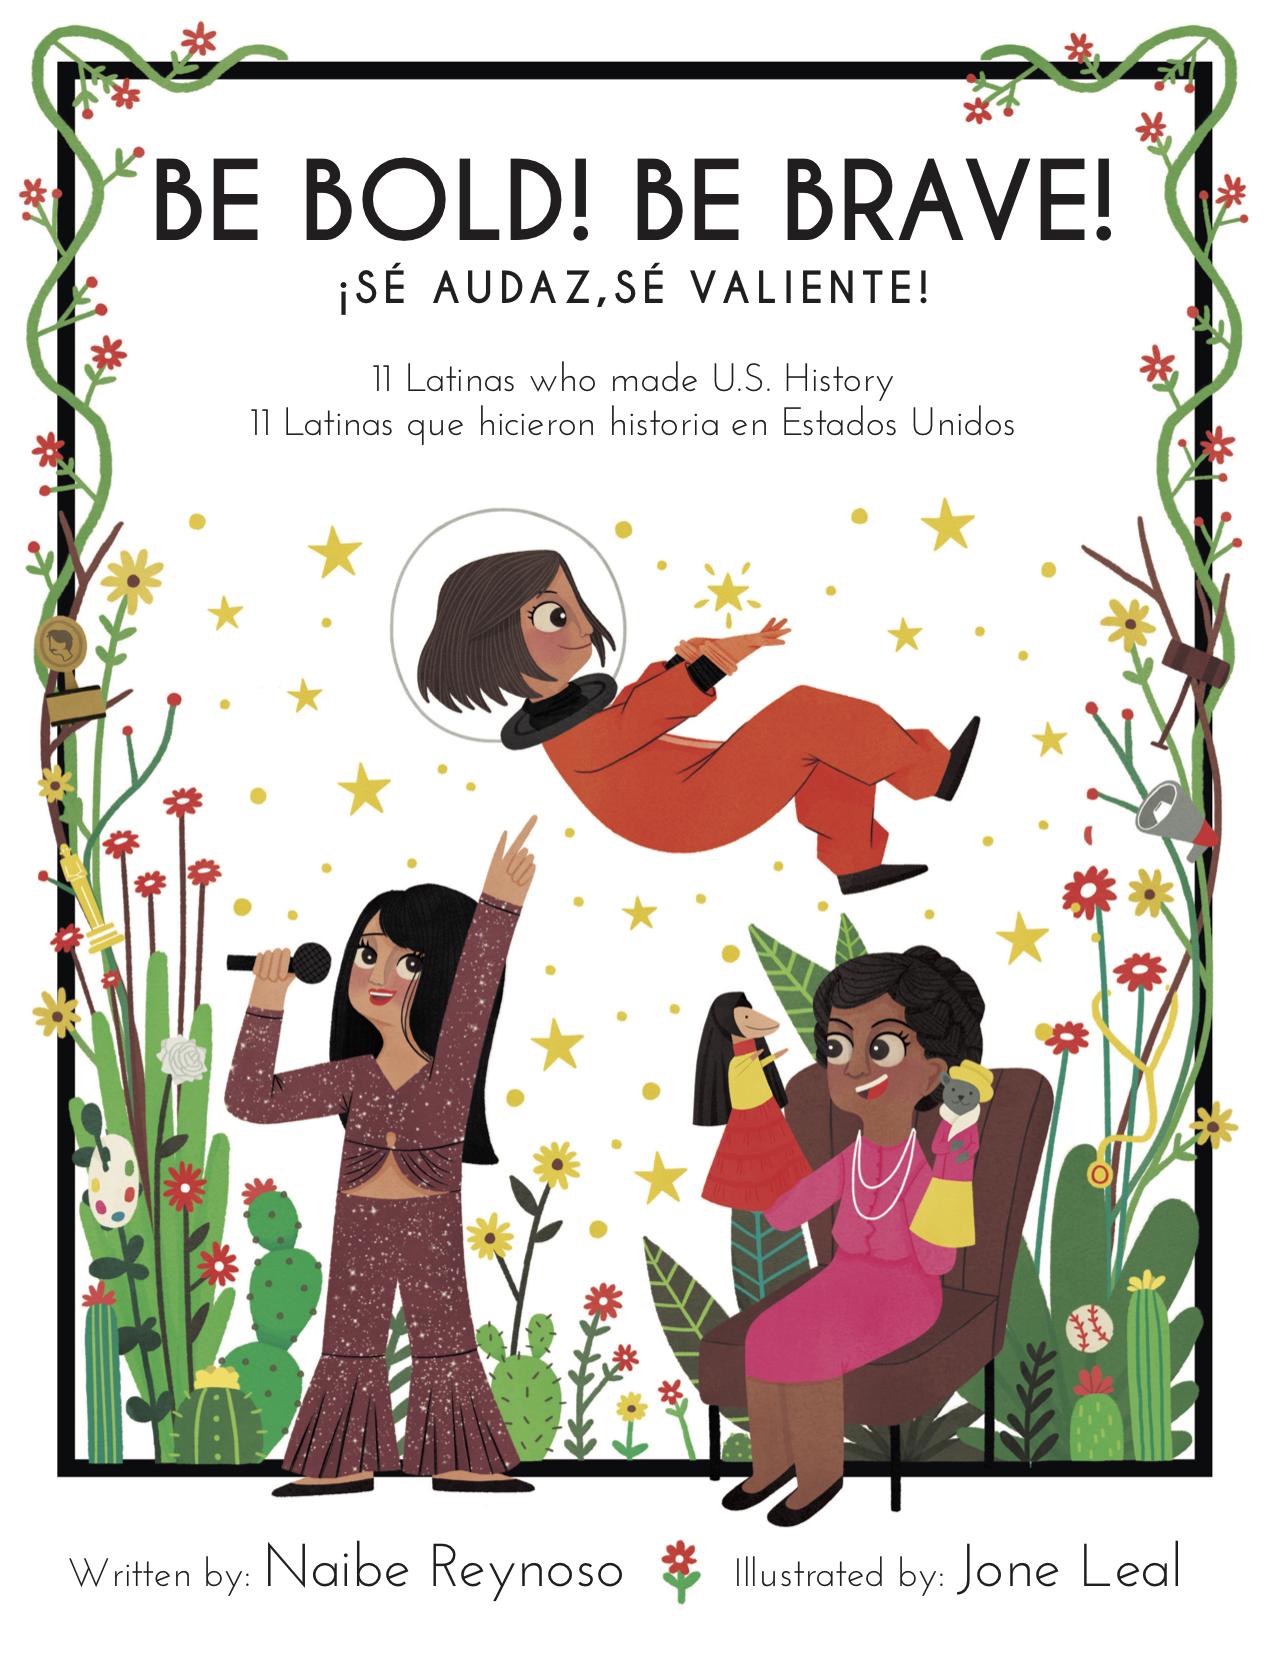 - Nuevo libro bilingüe para niños destaca a 11 reconocidas latinas que hicieron historia en los Estados Unidos se publicará en vísperas de 'Women's History Month'La versión Kindle se lanzará el viernes 8 de marzo en el Día Internacional de la Mujer 2019!